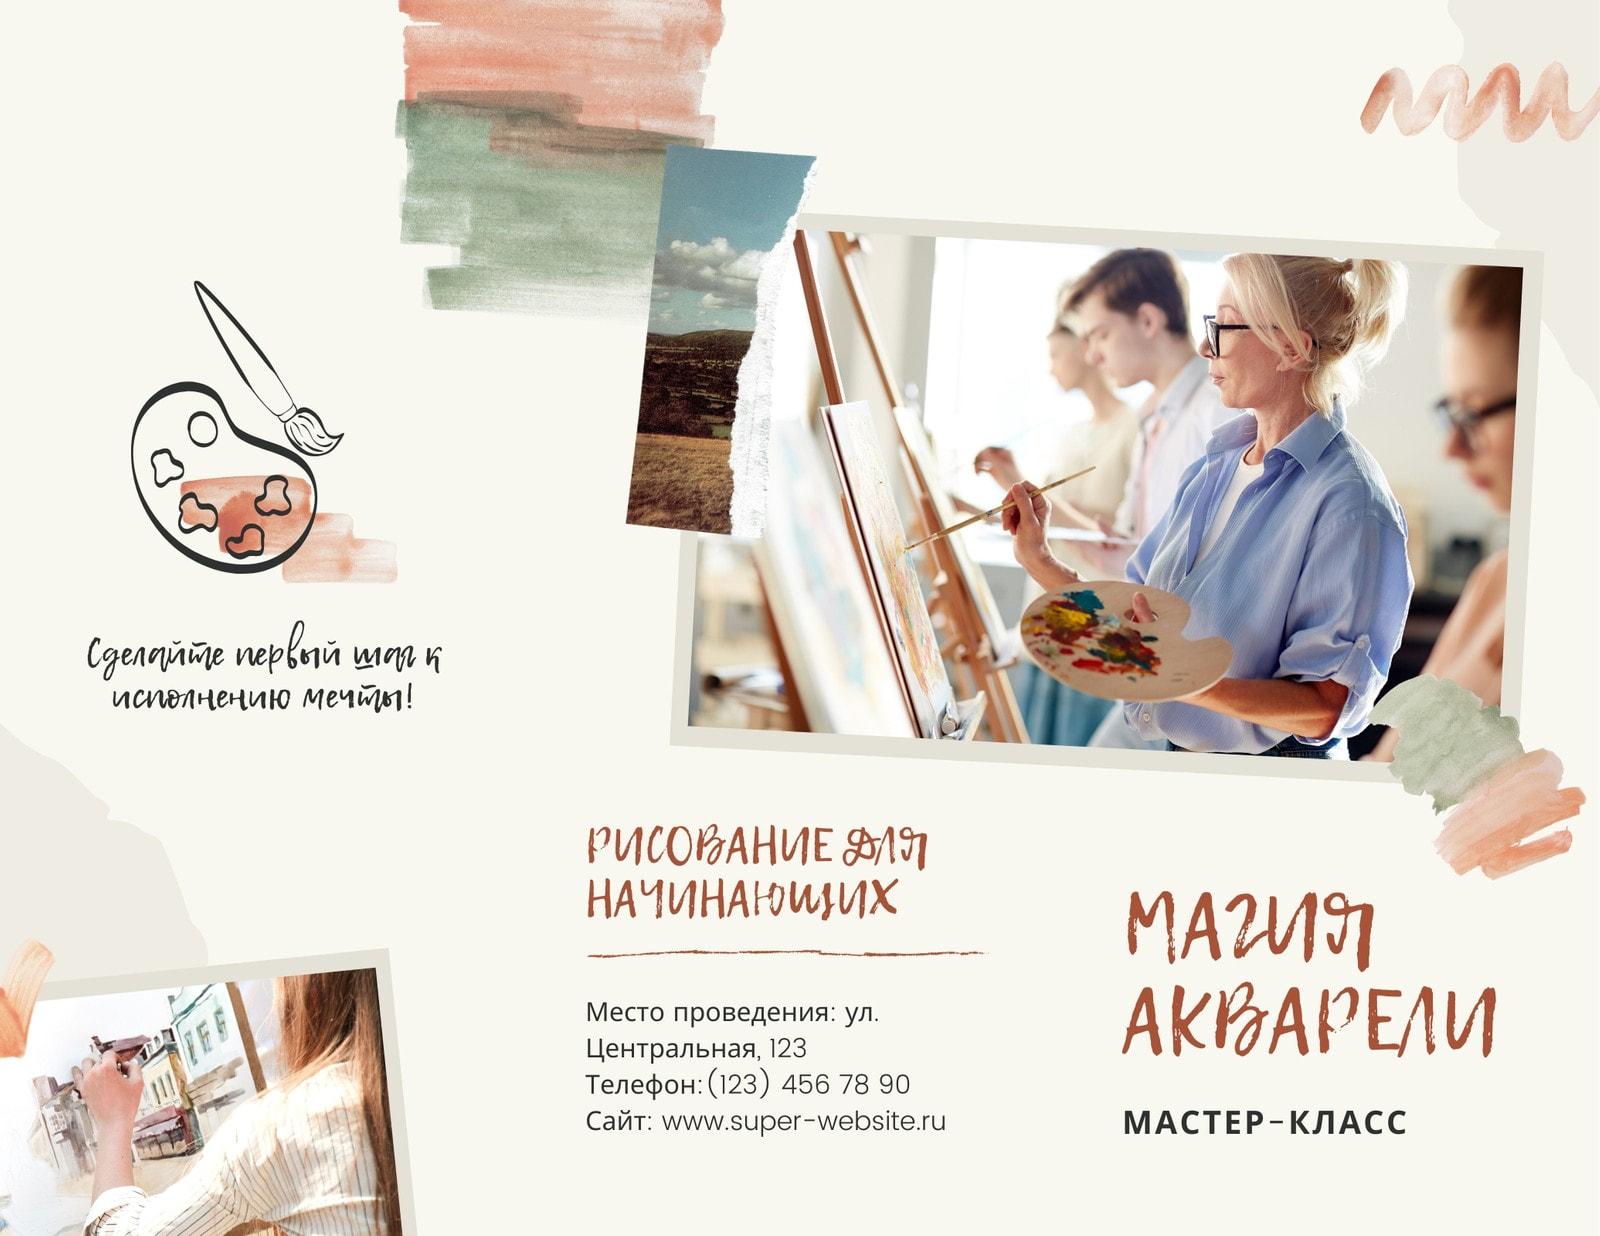 Цветной буклет мастер-класса с коллажем и акварельными иллюстрациями